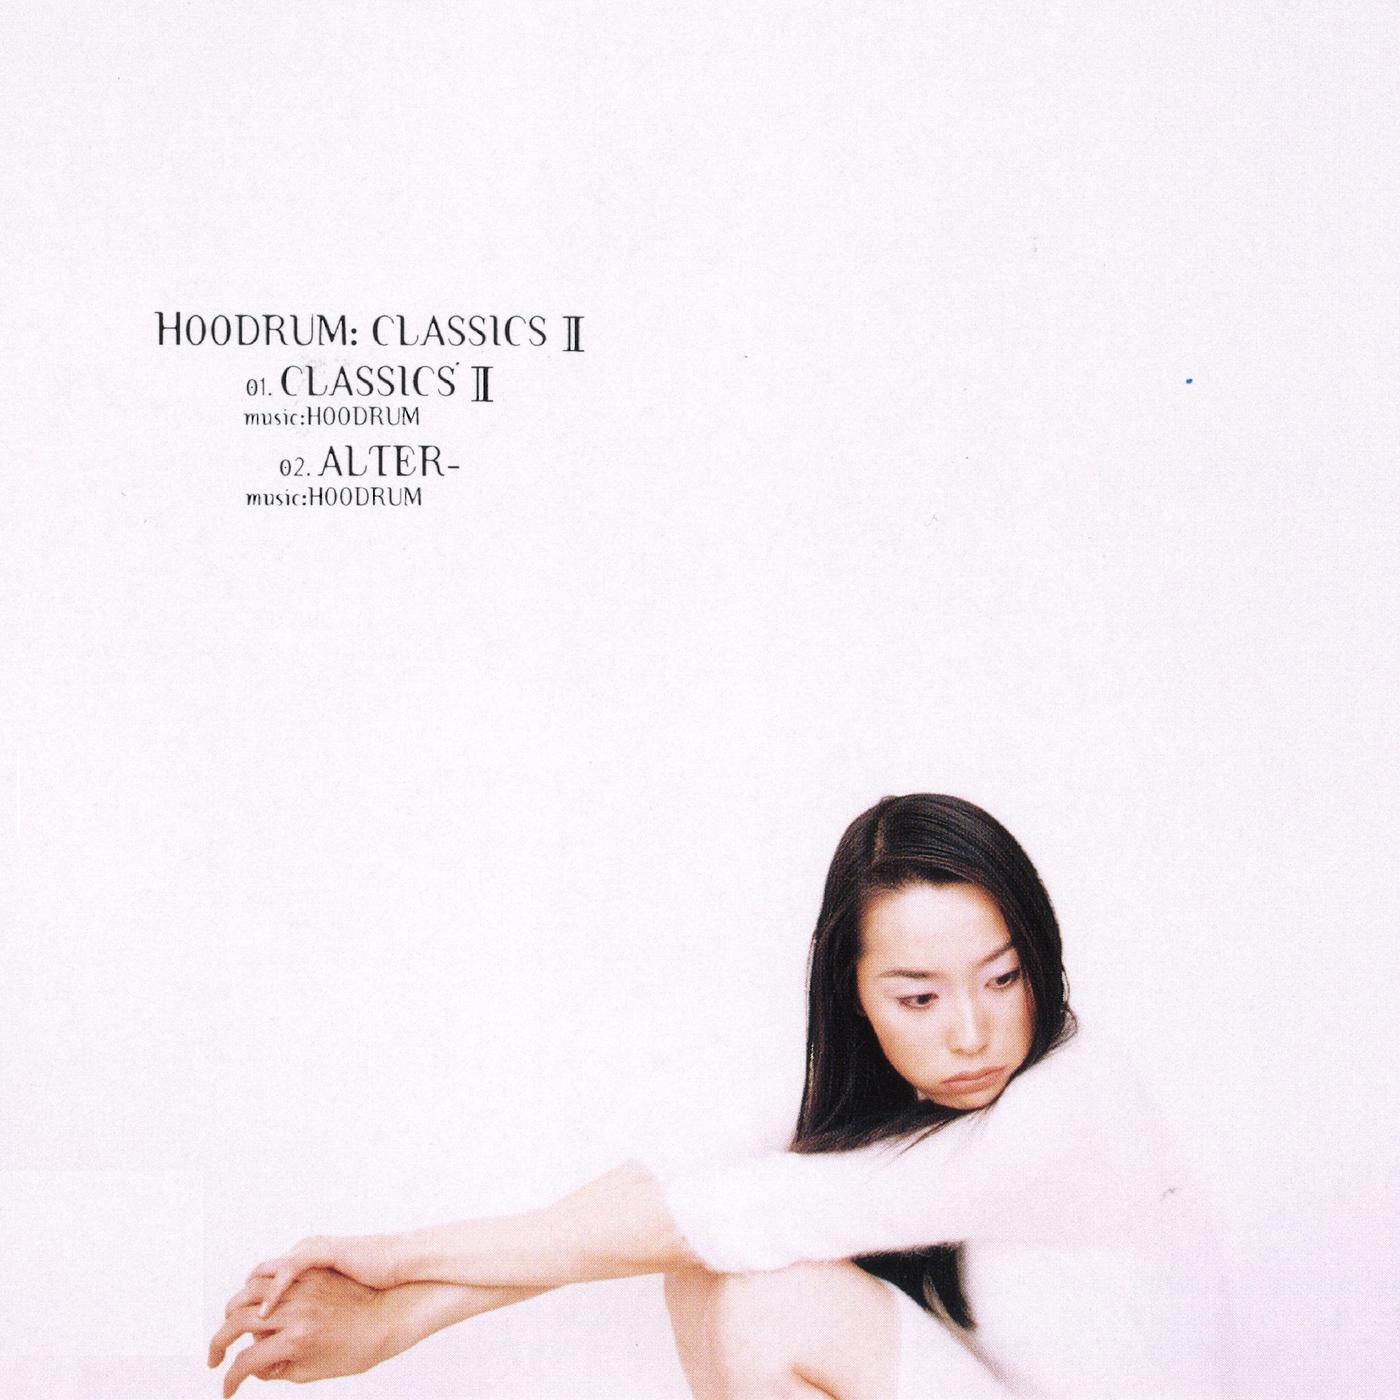 Classics II - Hoodrum